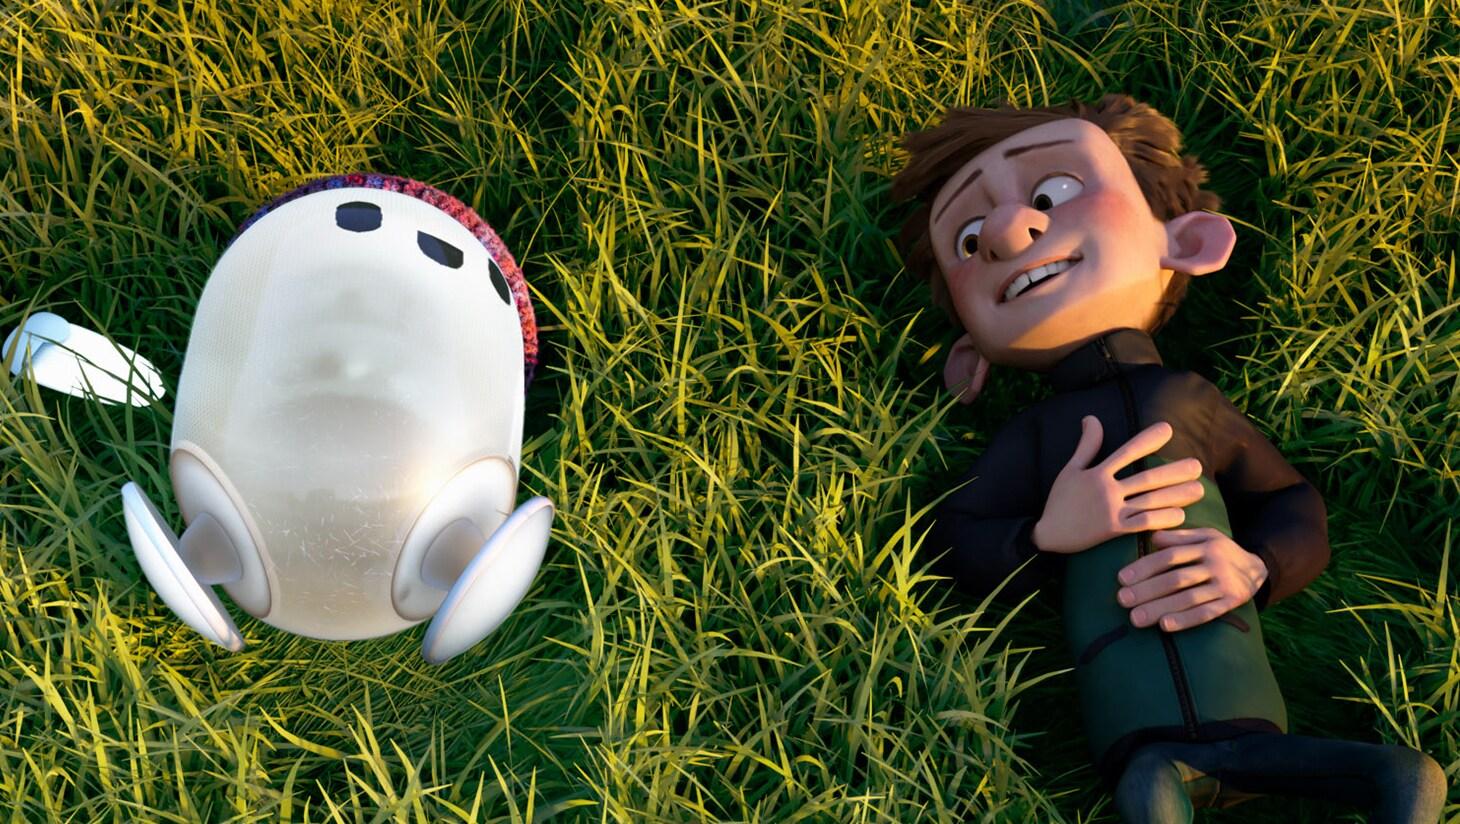 Ron i ustand - Teaser-trailer 1